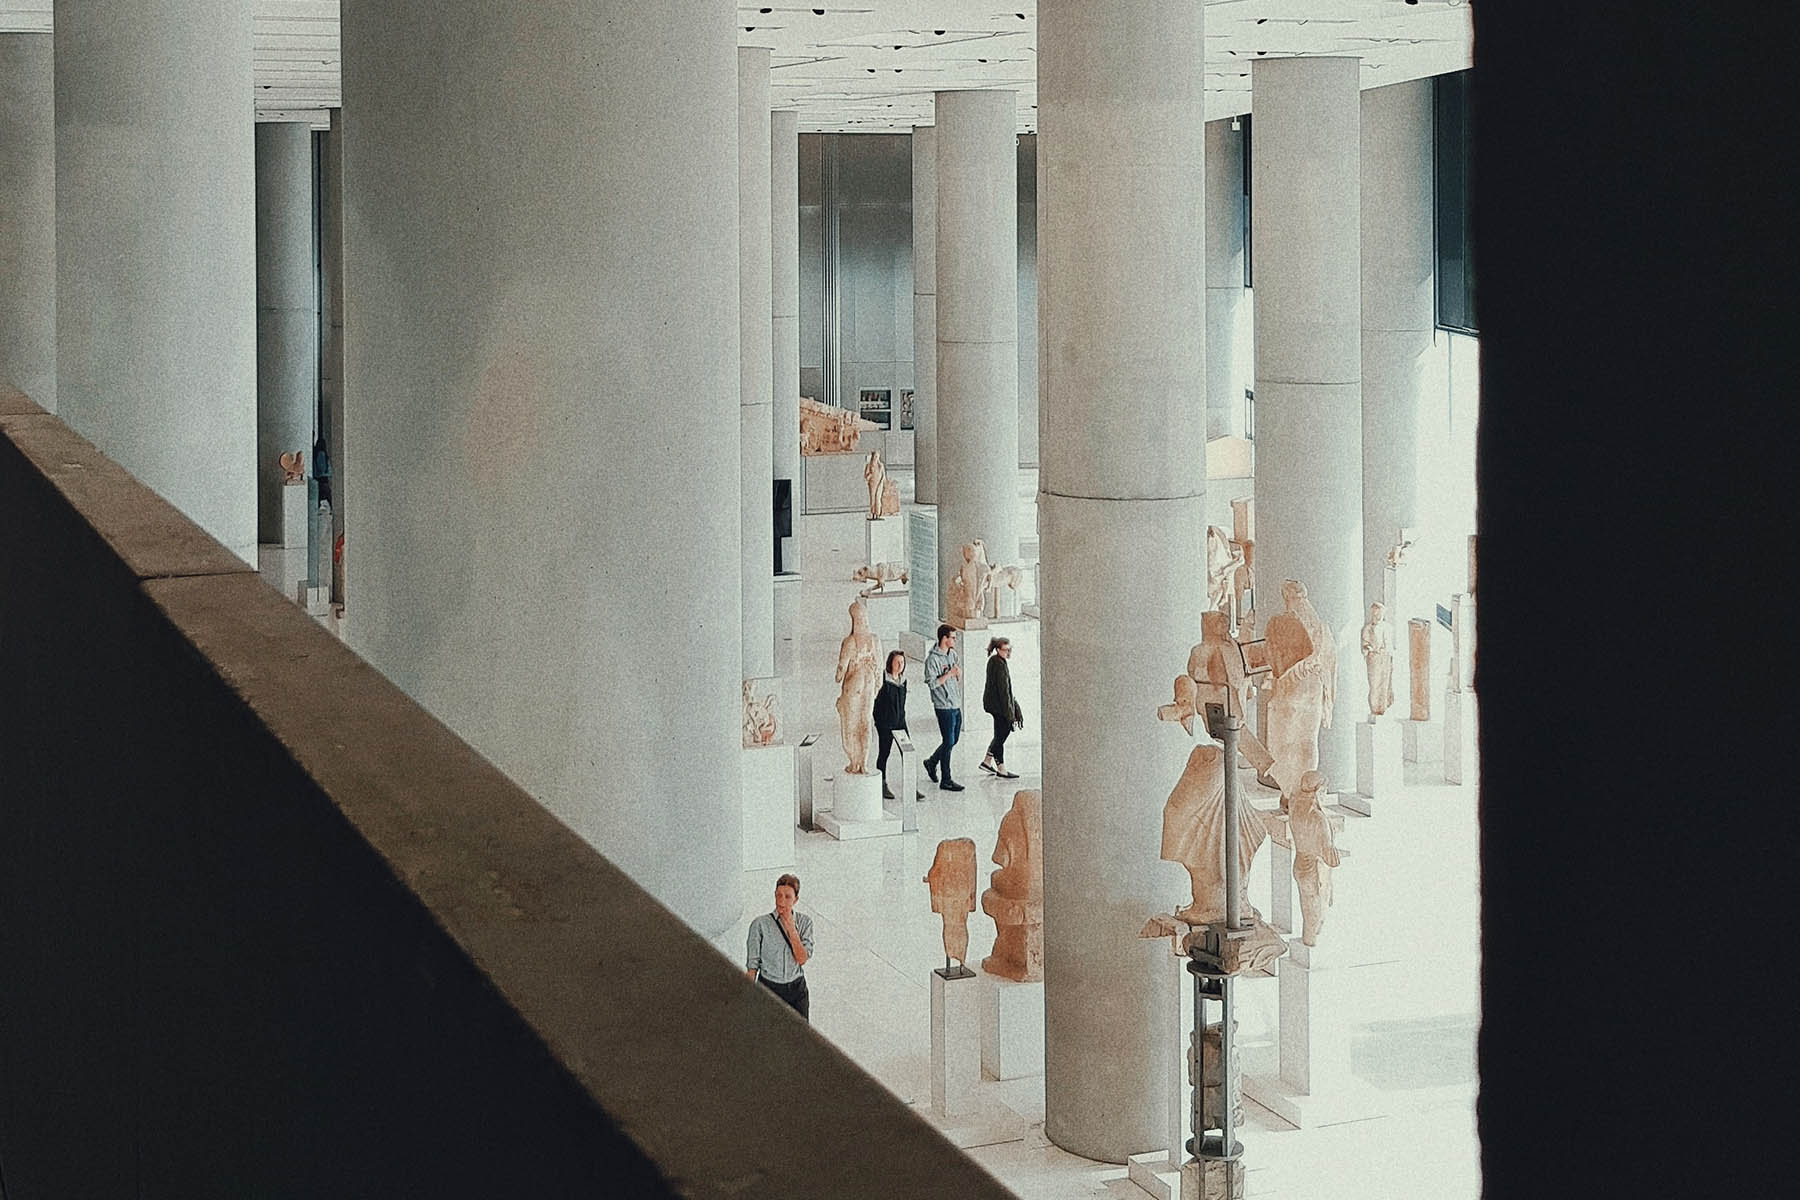 athens acropolis museum - Athens Color Cube Luxury Apartments